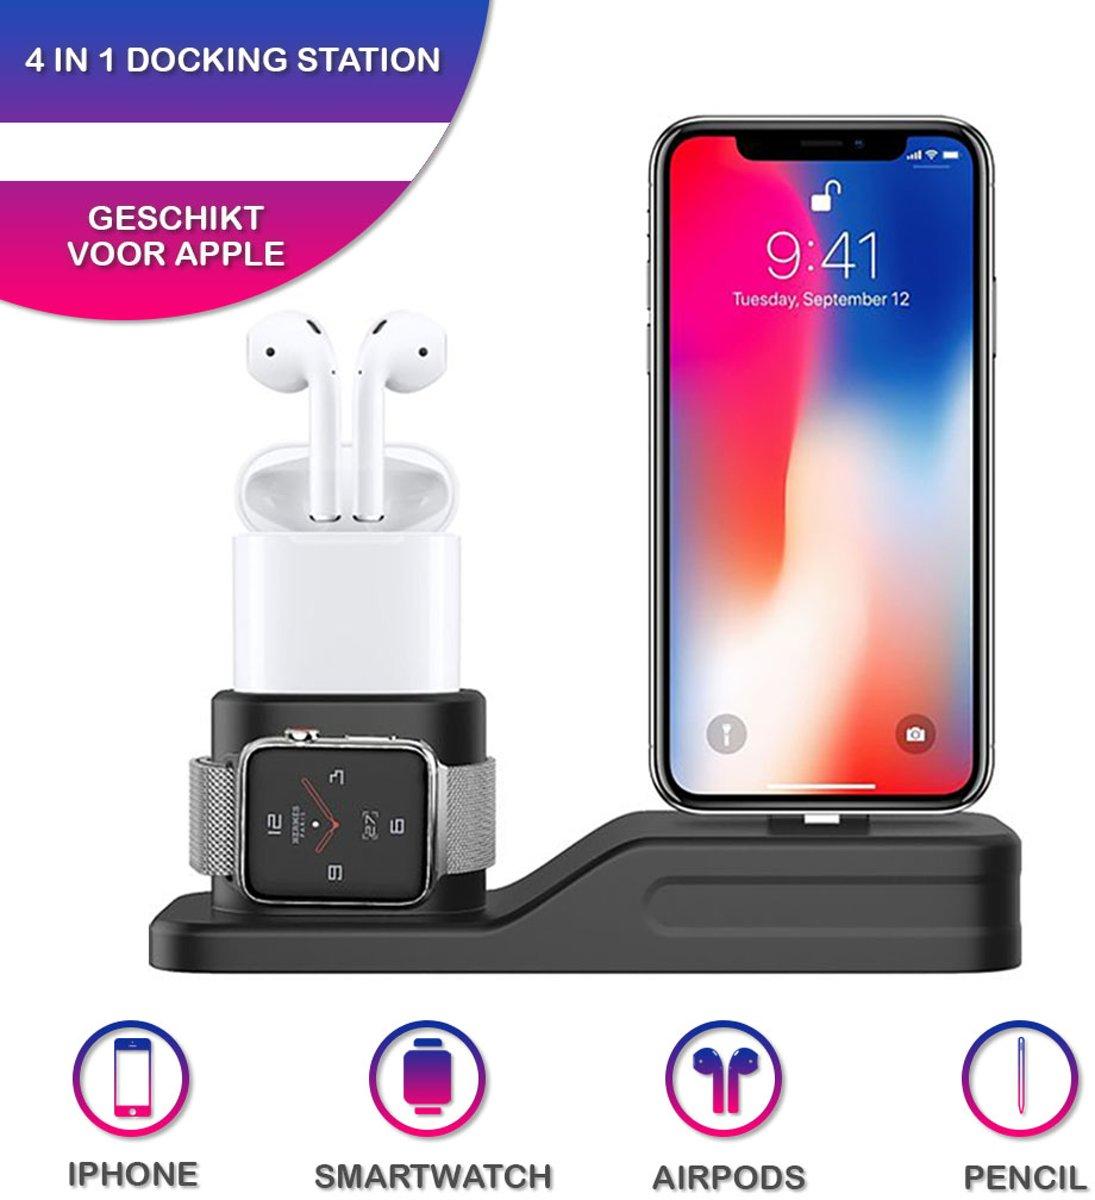 4 in 1 Docking Station - Oplaadstation - 4 In 1 -  Oplaadstation Iphone - Geschikt voor Apple IPhone/Airpods/Watch/Pencil kopen